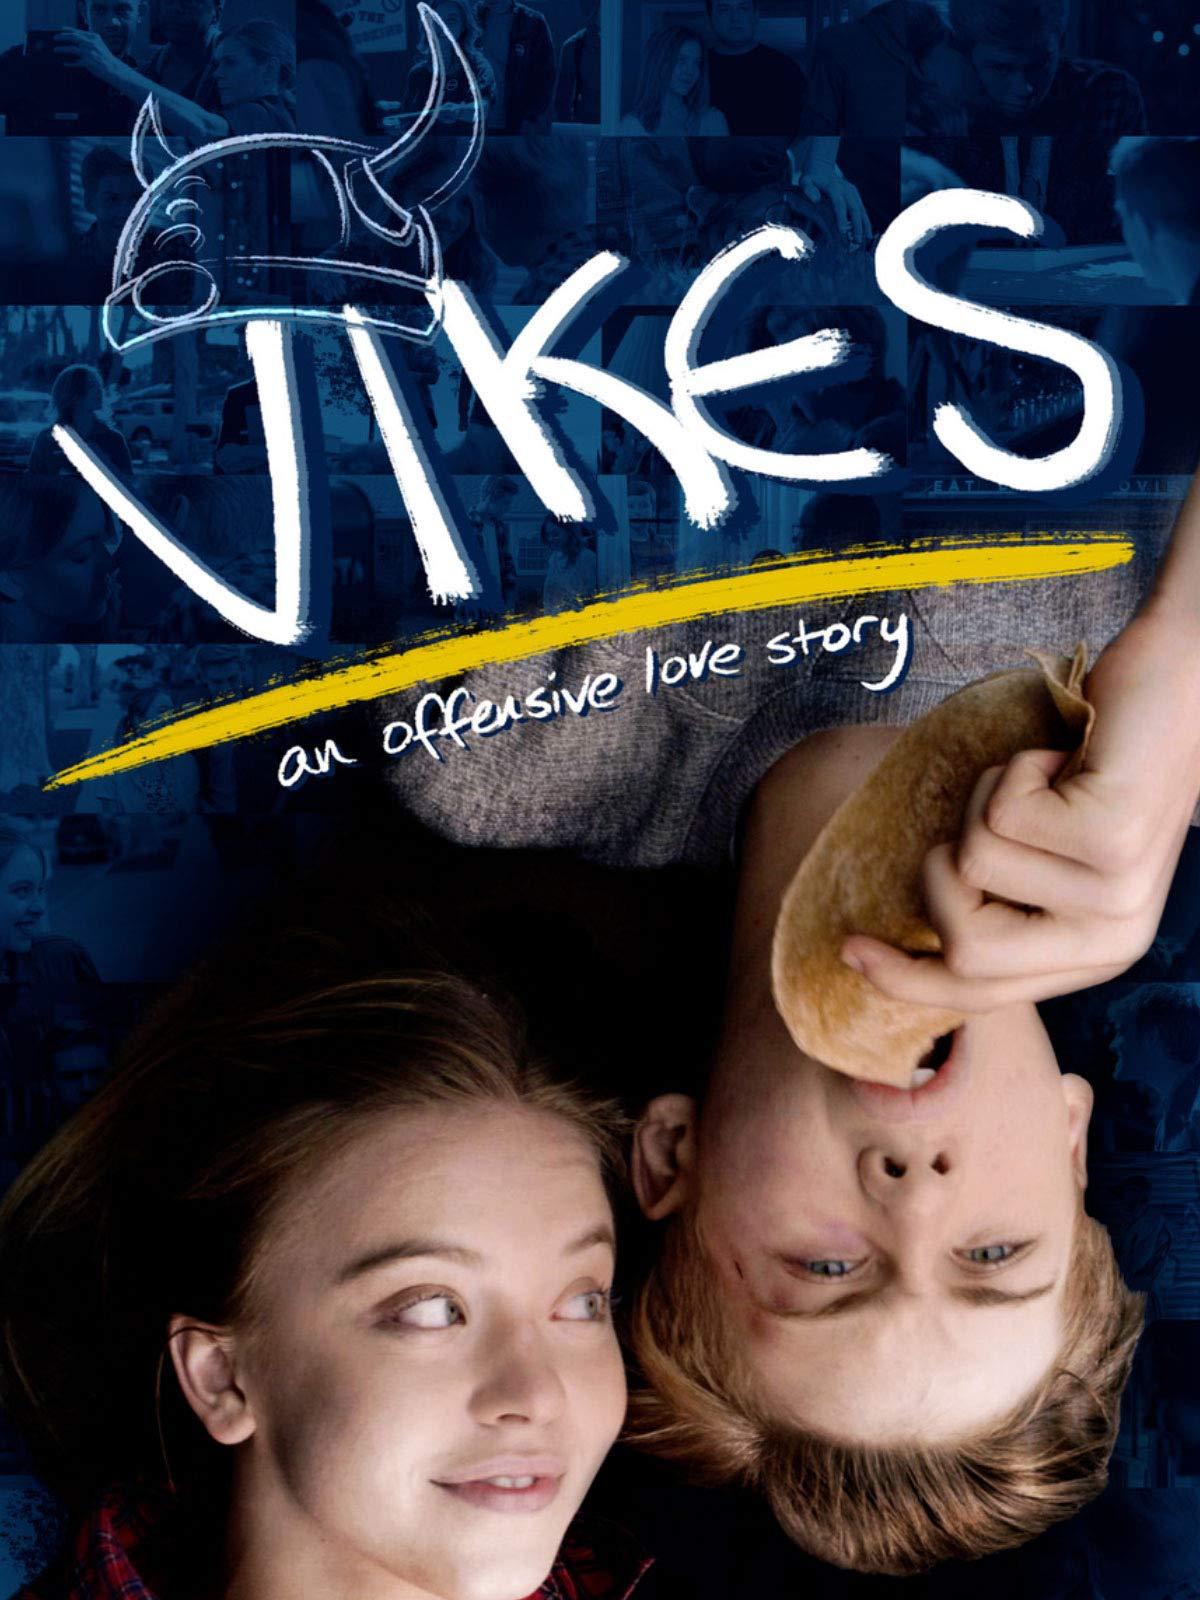 Vikes